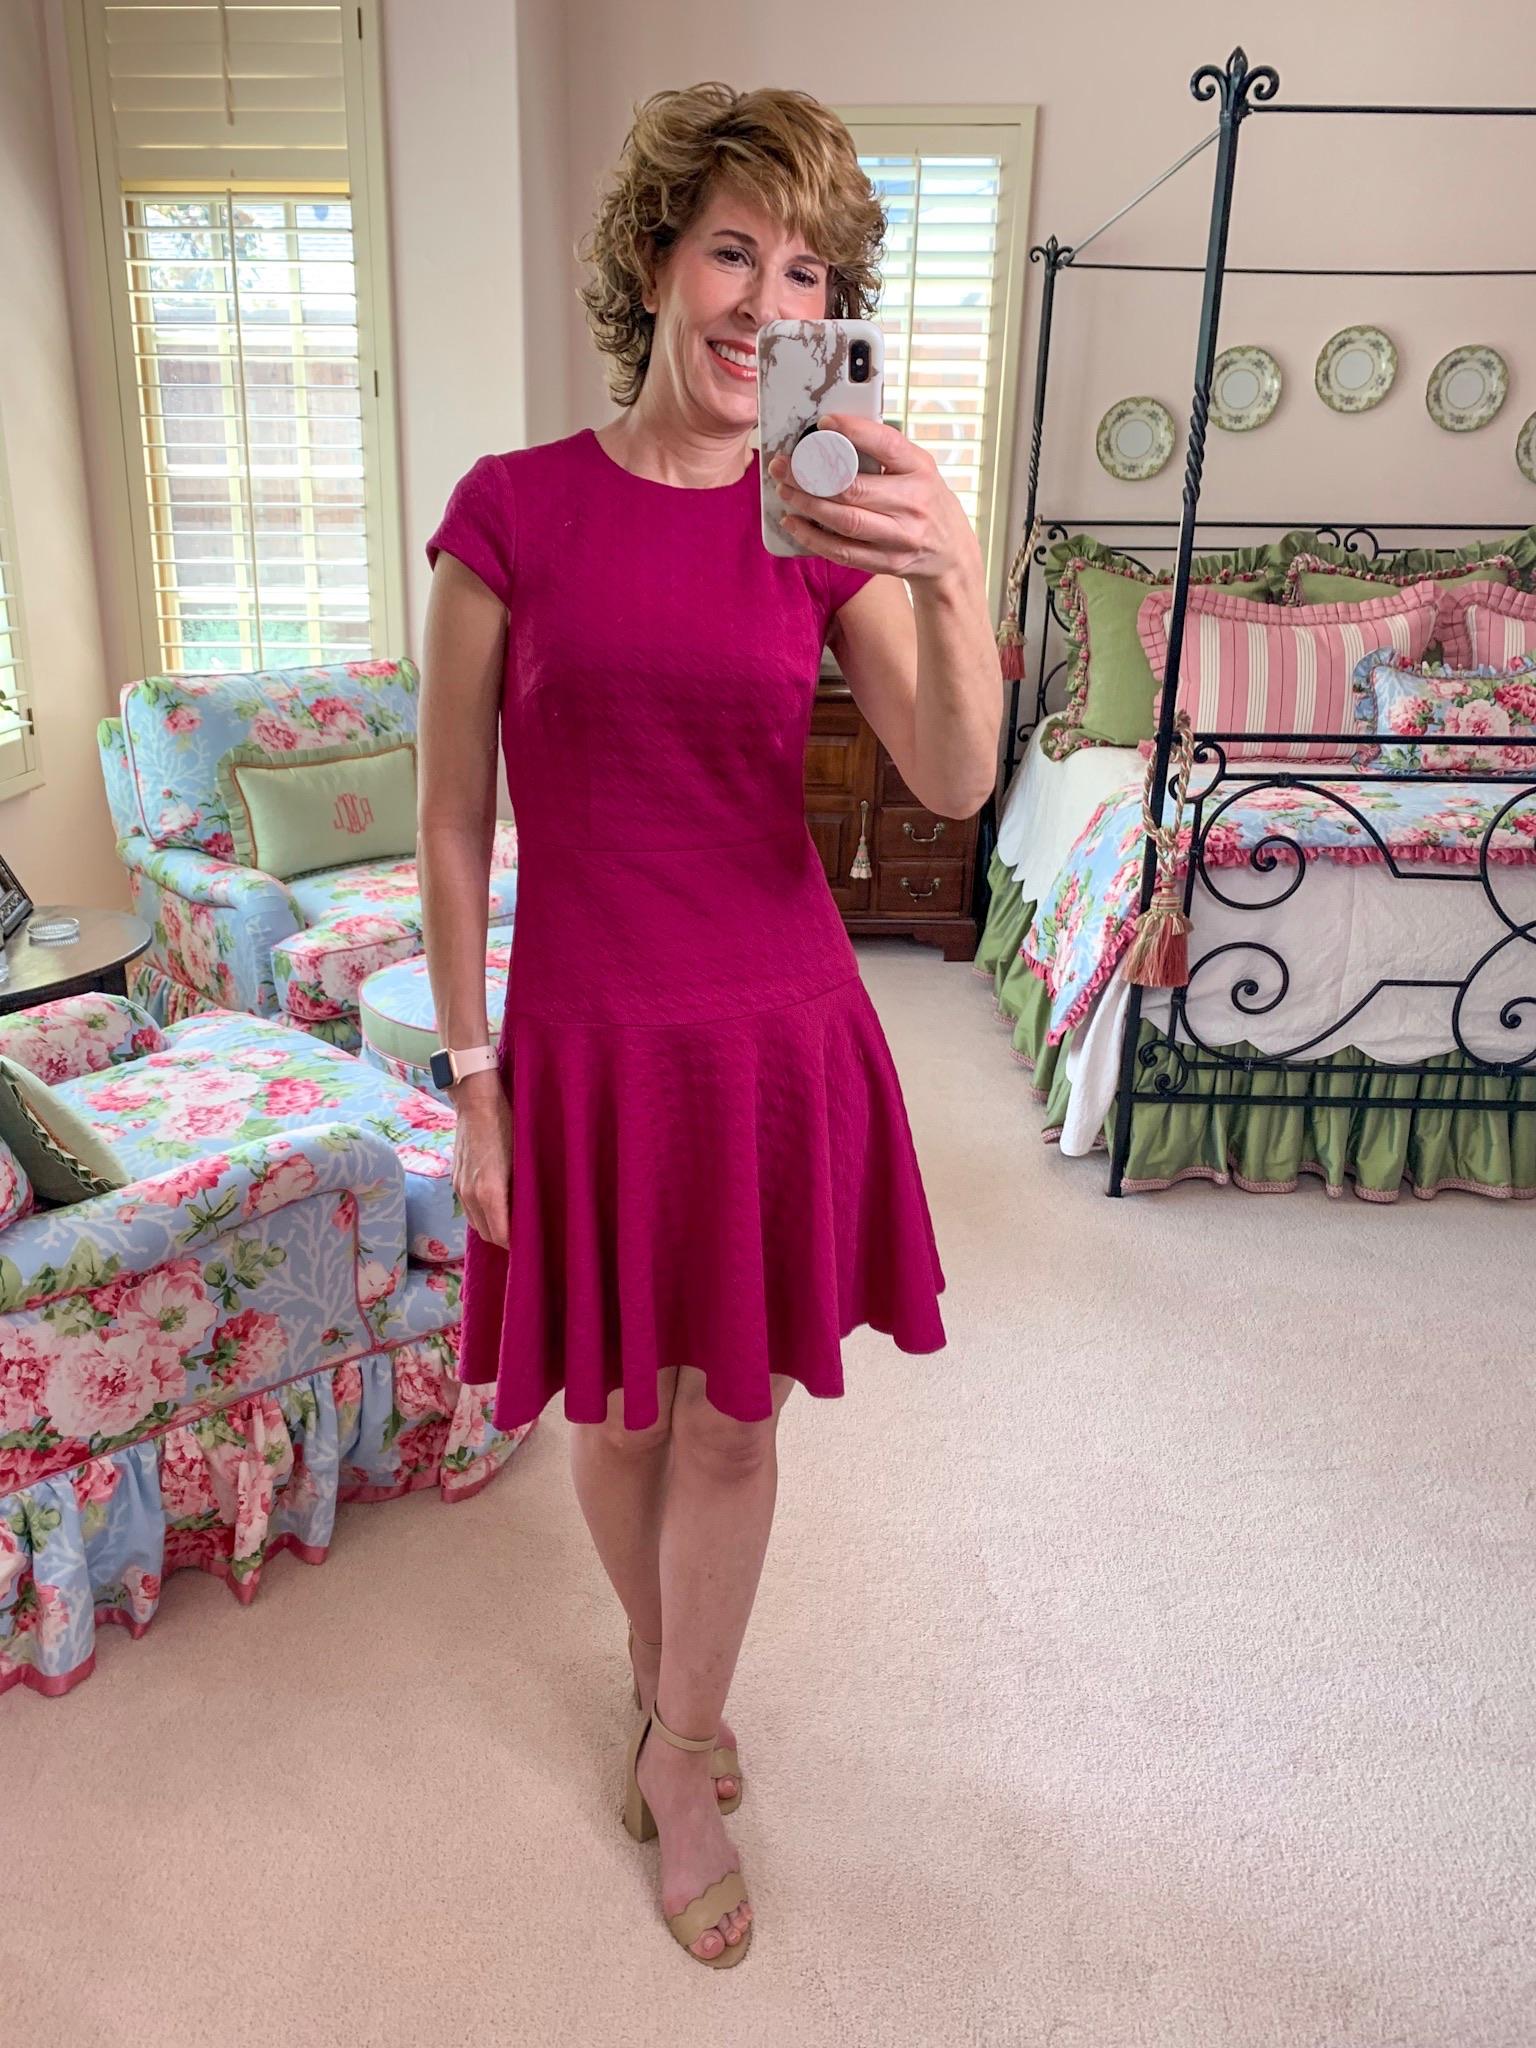 mirror selfie of woman in pink dress